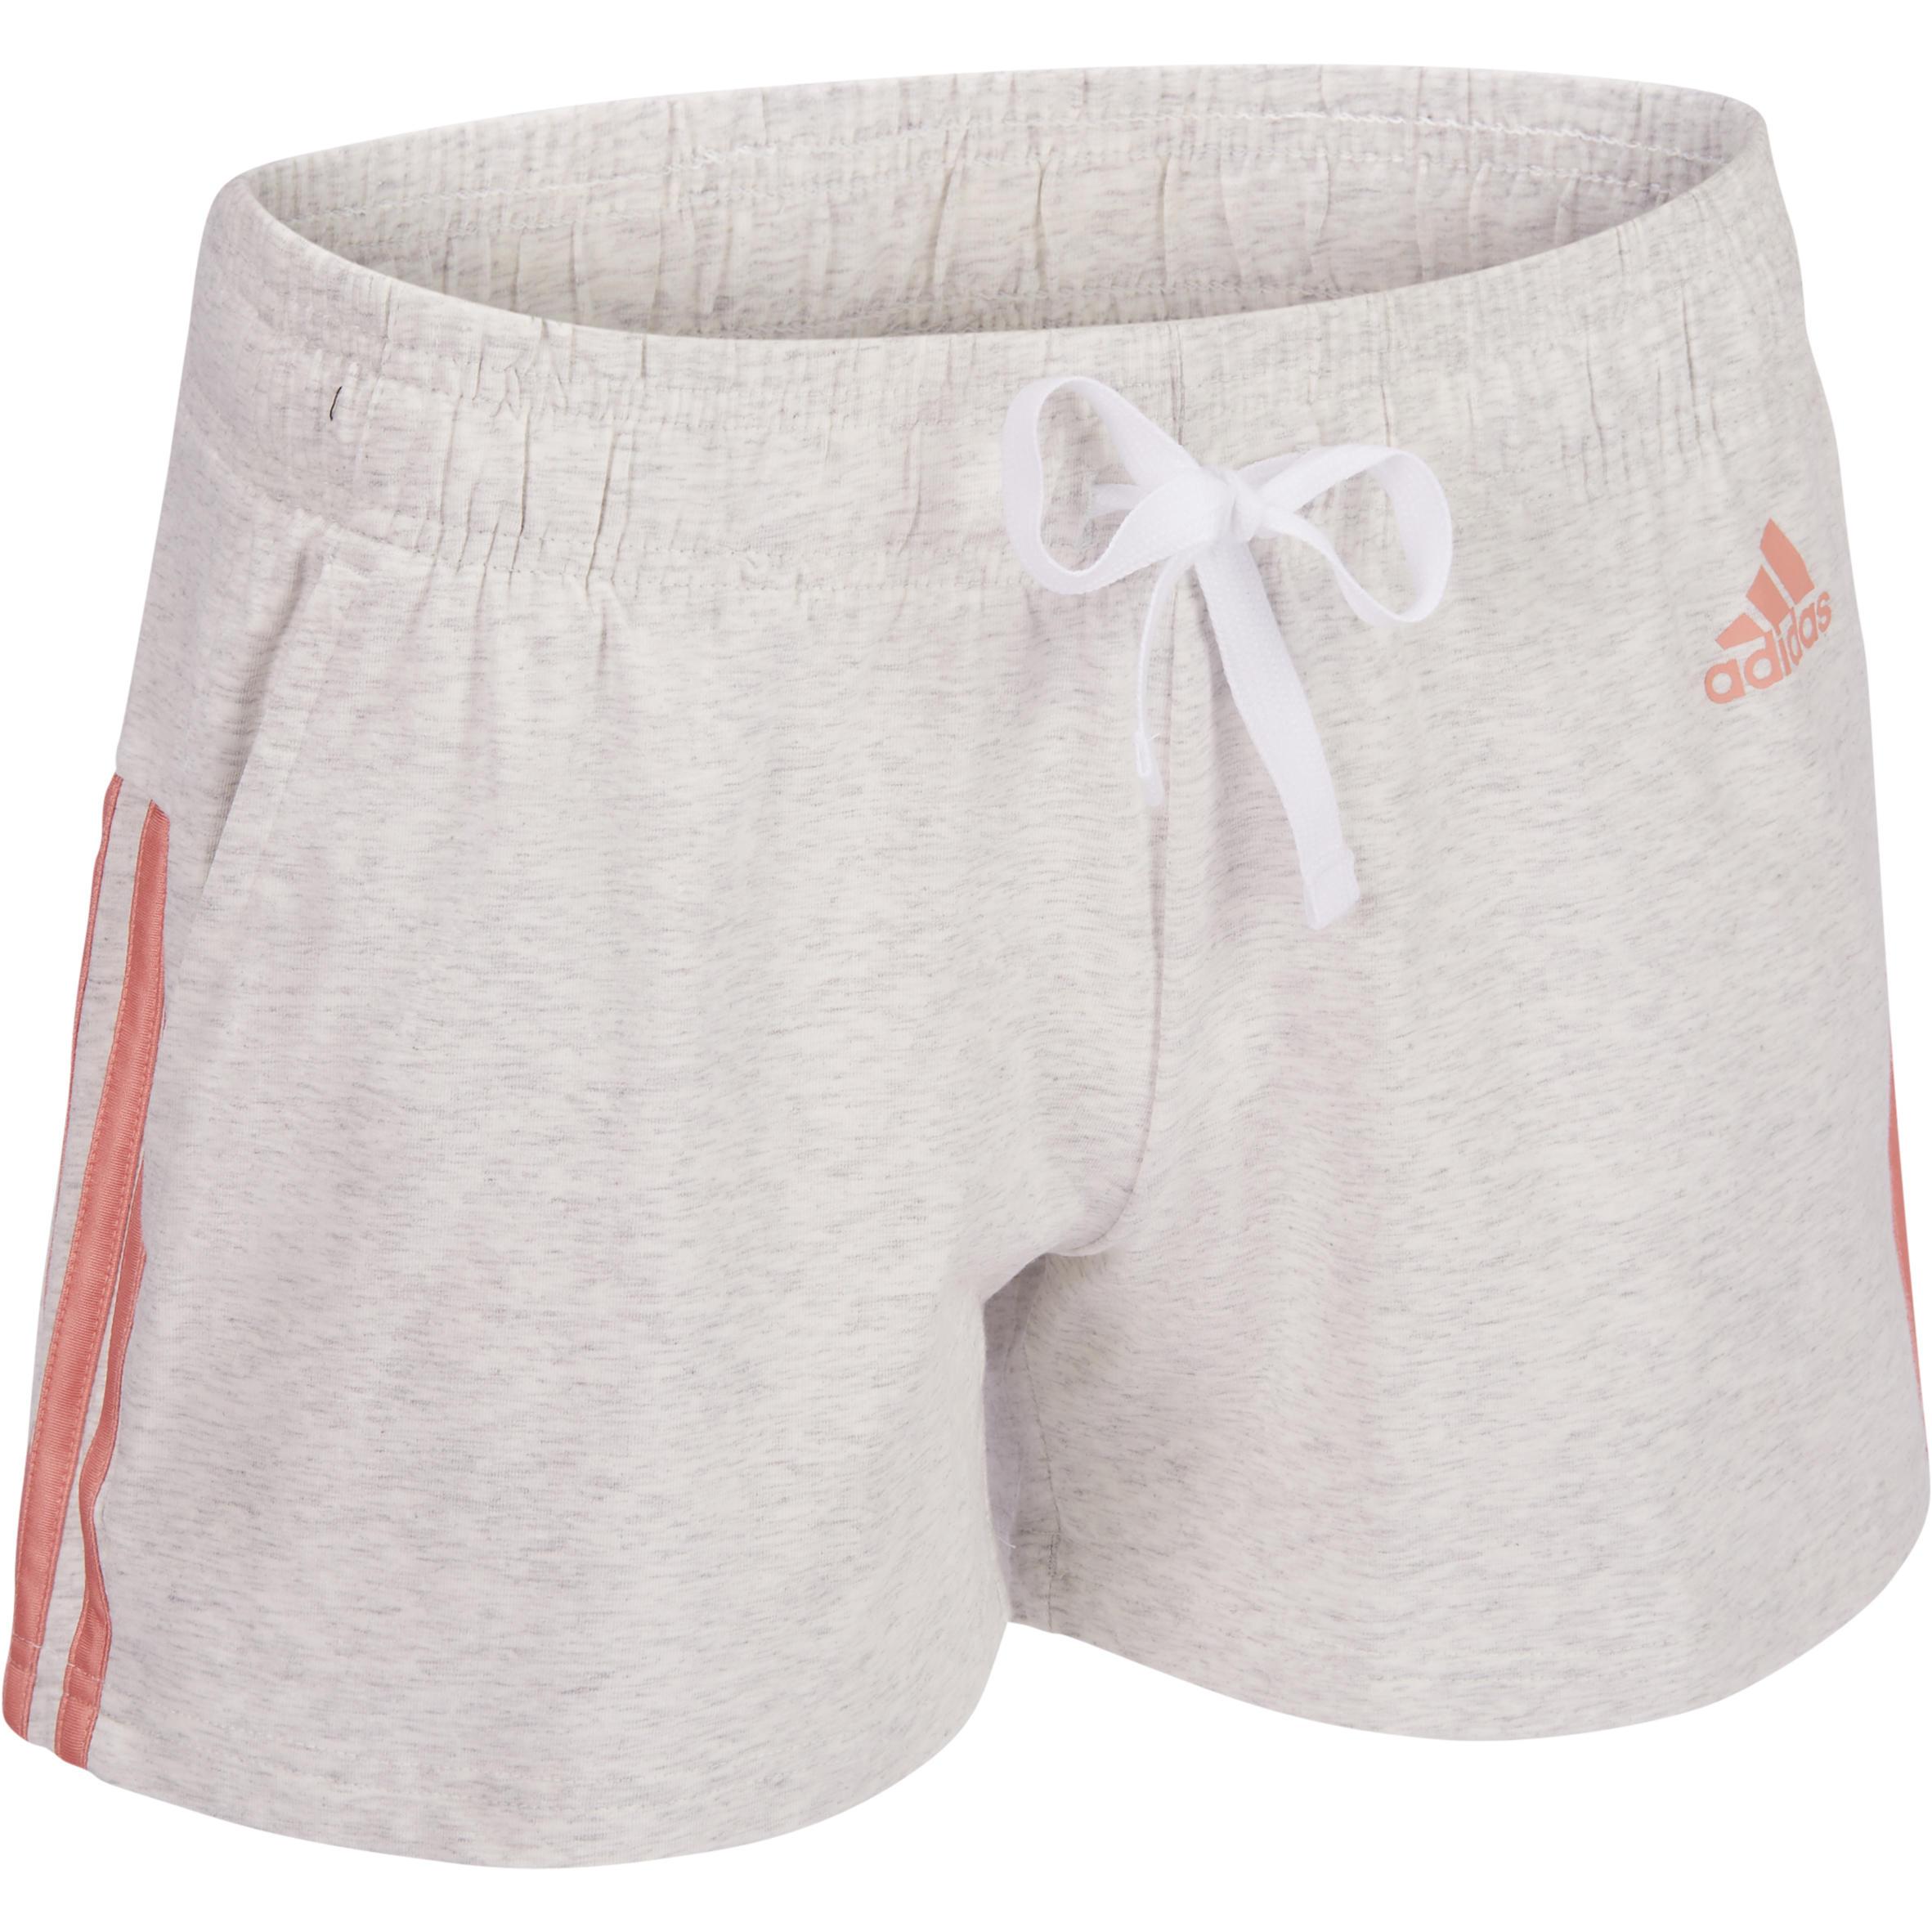 algodón de 3 Shorts para mujer Adidas GymPilates bandas QsdtrhC